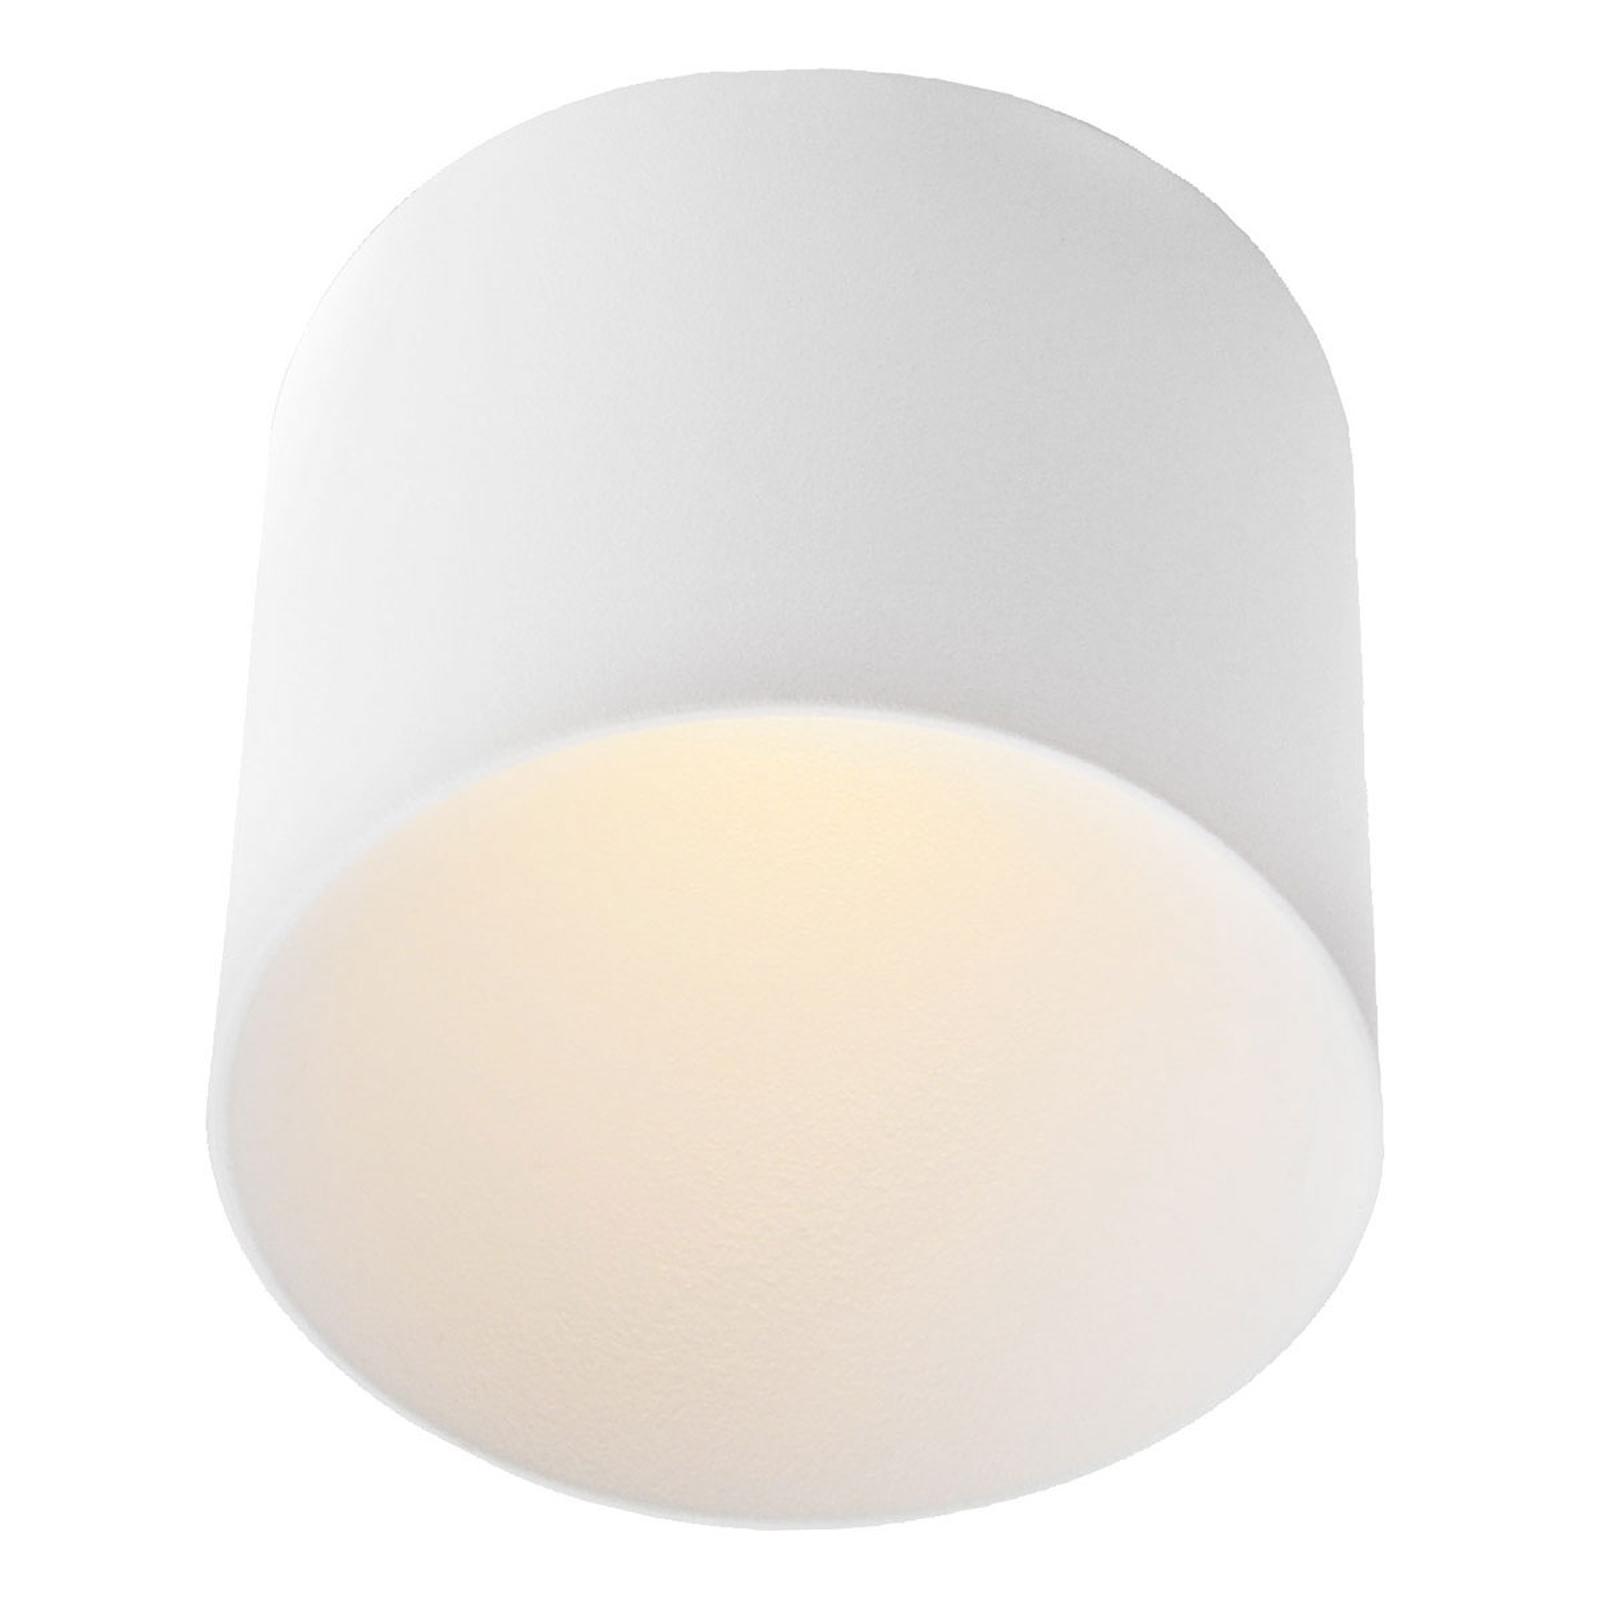 GF design Tubo Einbaulampe IP54 weiß 3.000 K